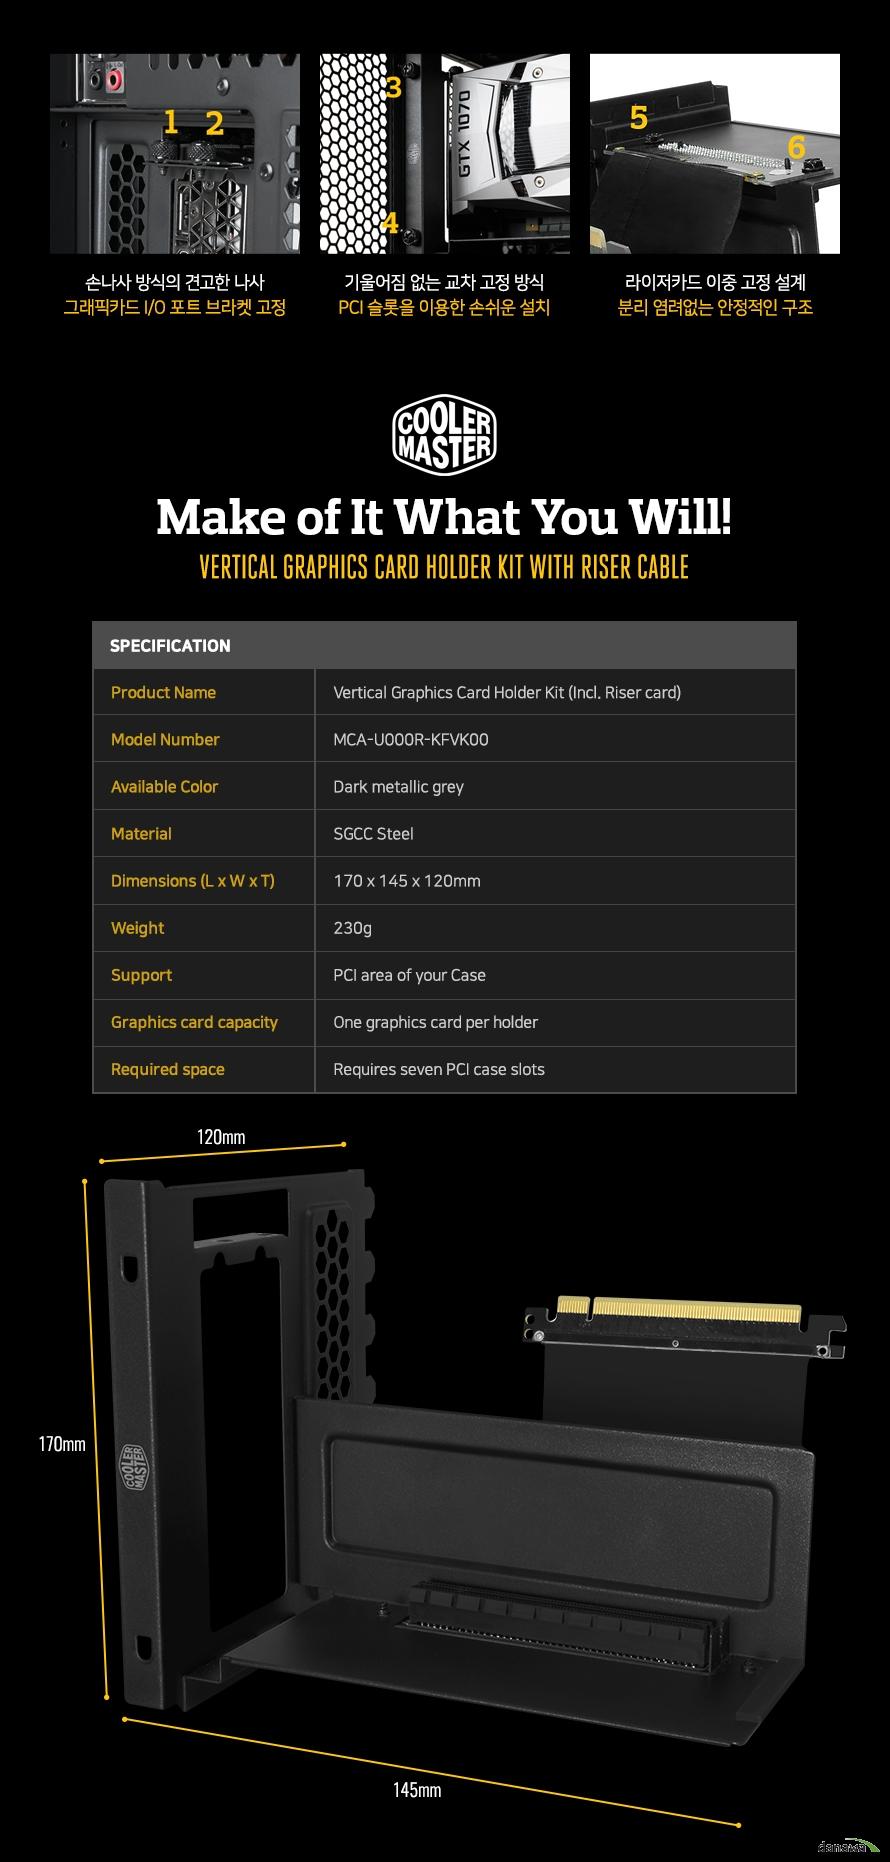 손나사 방식의 견고한 나사그래�ㄱ카드 IO포트 브라켓 고정기울어짐 없는 교차 고정 방식PCI 슬롯을 이용한 손쉬운 설치라이저 카드 이중 고정 설계분리 염려없는 안정적인 구조Product NameVertical Graphics Card Holder Kit (Incl. Riser card)Model NumberMCA-U000R-KFVK00Available ColorDark metallic greyMaterialSGCC SteelDimensions (L x W x T)170 x 145 x 120mmWeight230gSupportPCI area of your CaseGraphics card capacityOne graphics card per holderRequired spaceRequires seven PCI case slots